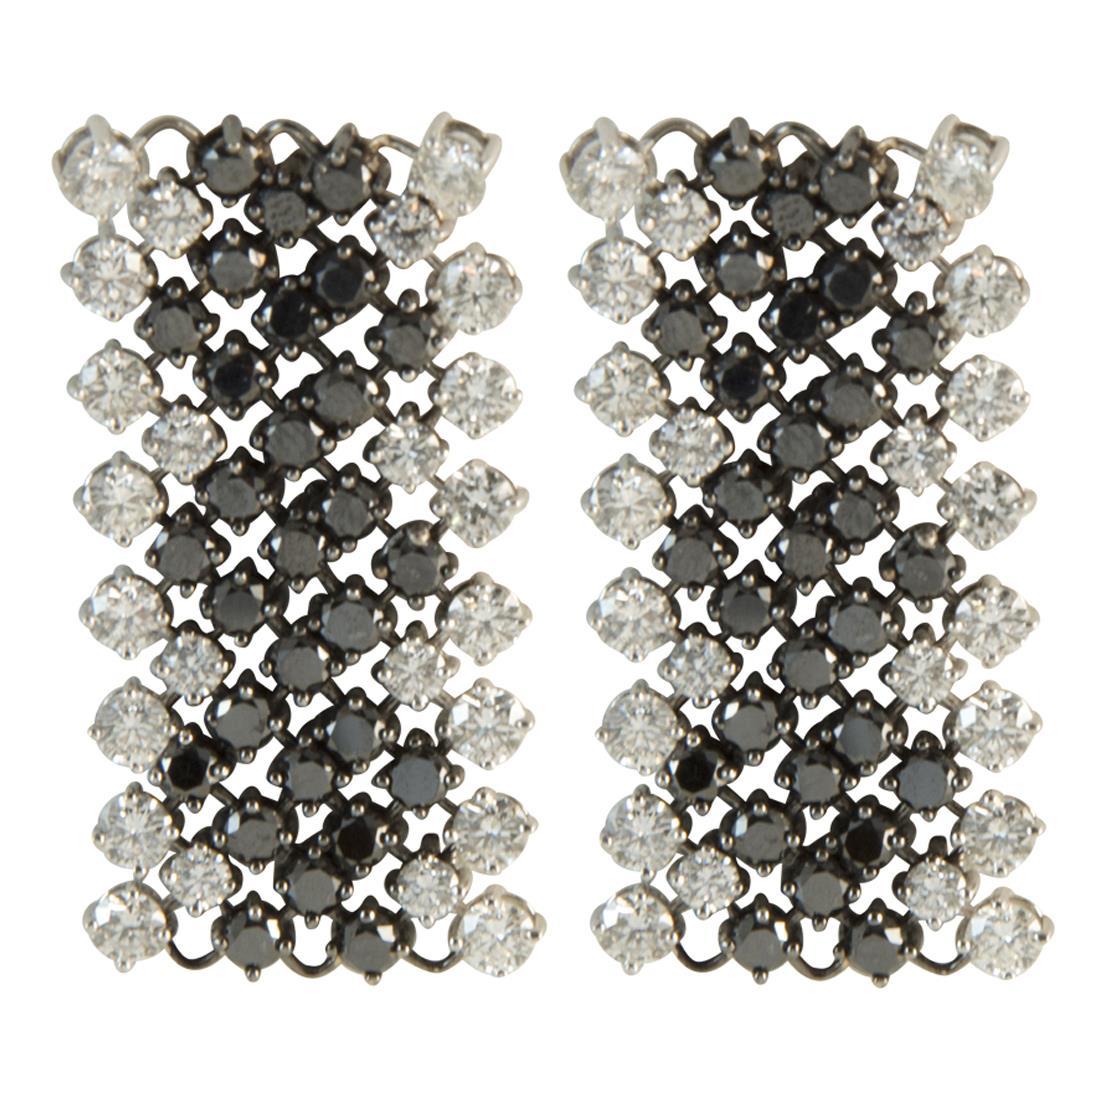 Orecchini  in oro bianco con diamanti ct 4.65 e diamanti neri ct 4.45 misura 7.00cm - ALFIERI ST JOHN